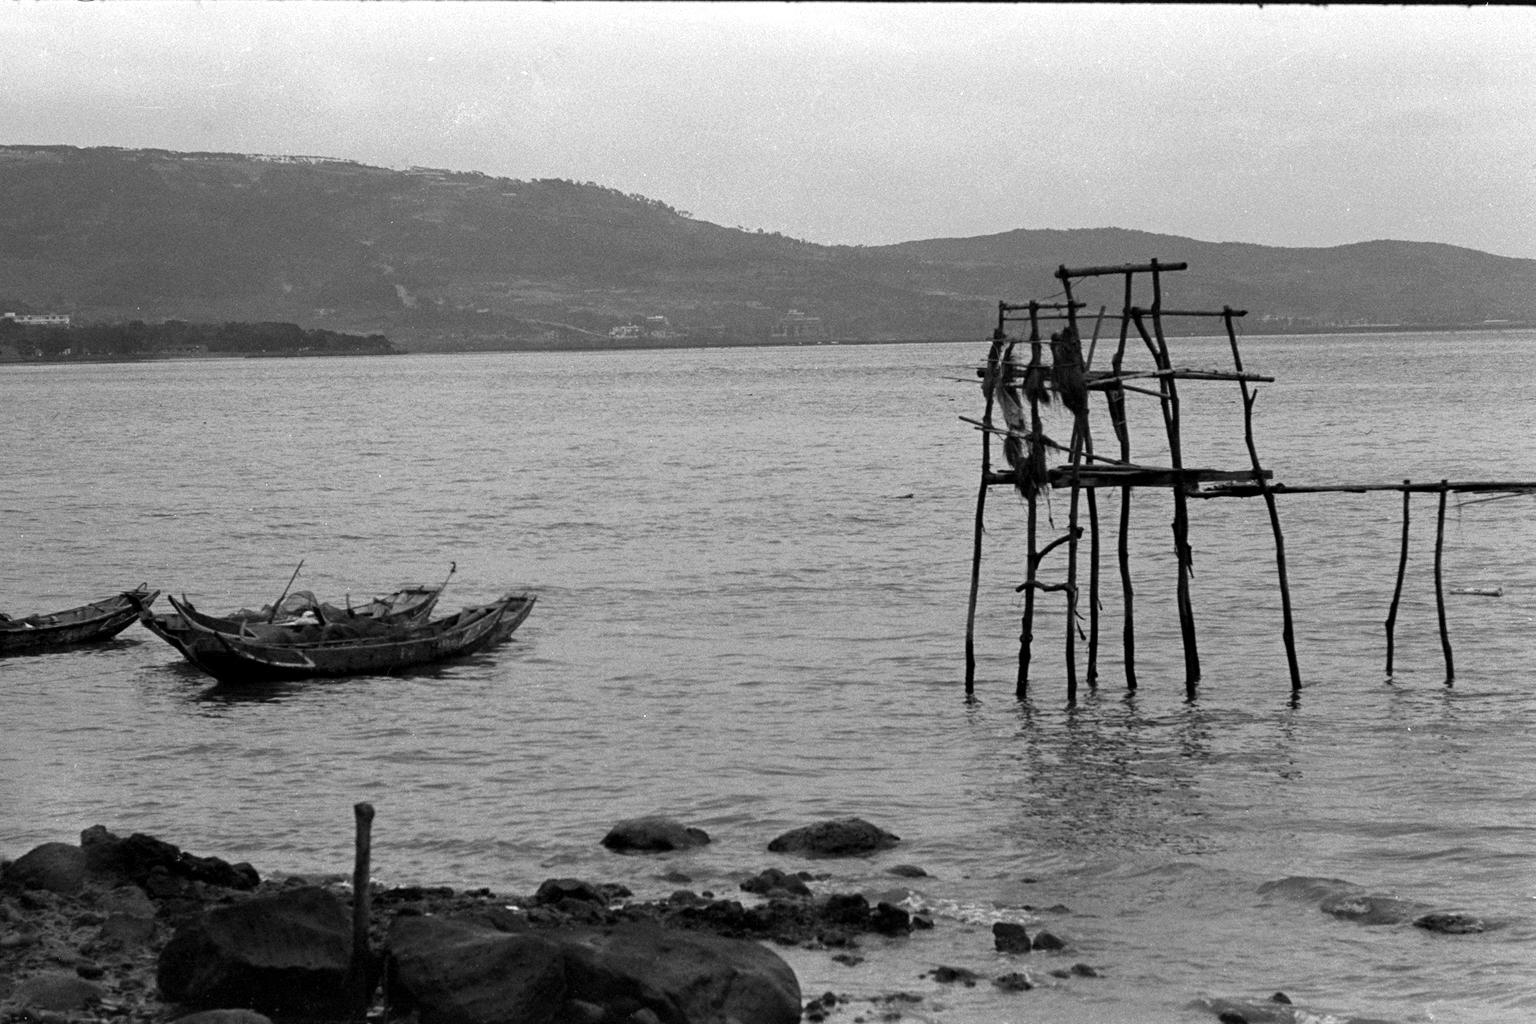 淡江往事知多少 1970.2.15 (位置約在現在的翠園)